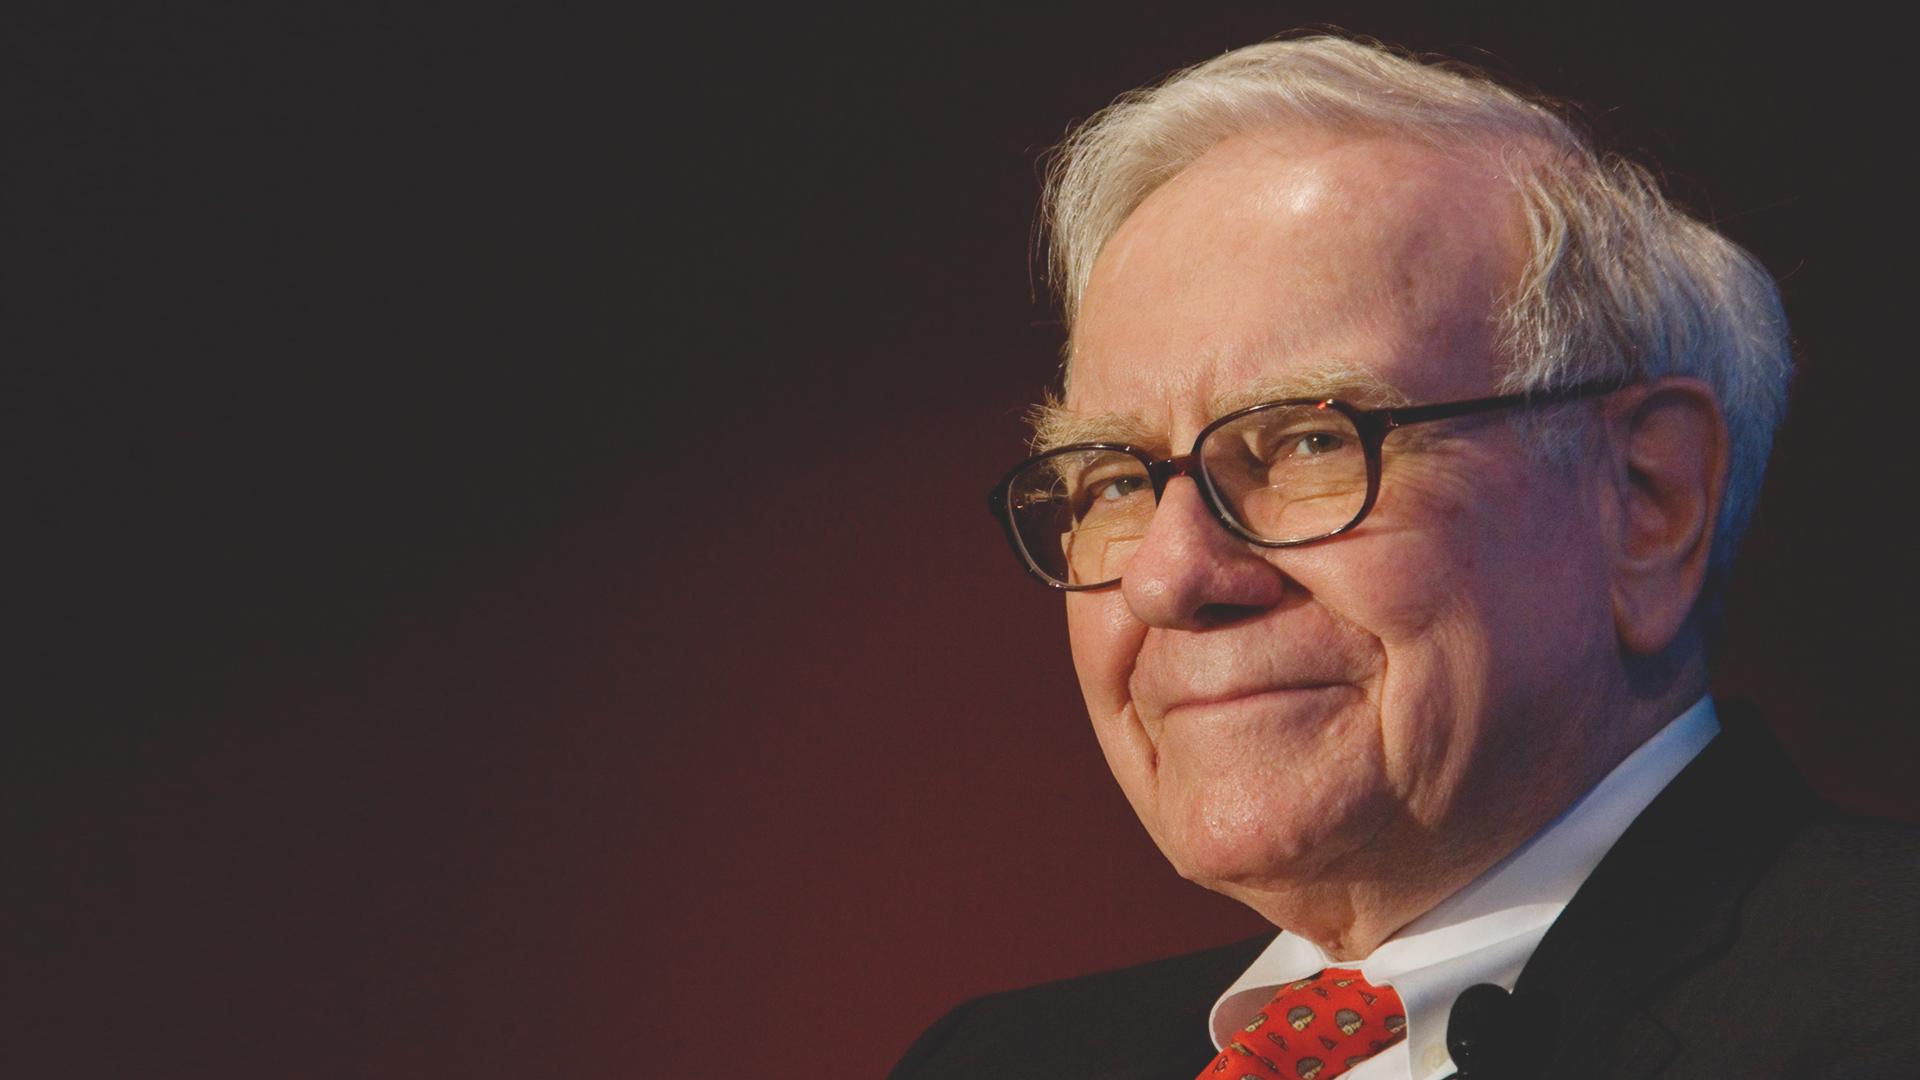 أفضل كتب ومصادر وارن بافيت Warren Buffet التي يمكن شراؤها 1